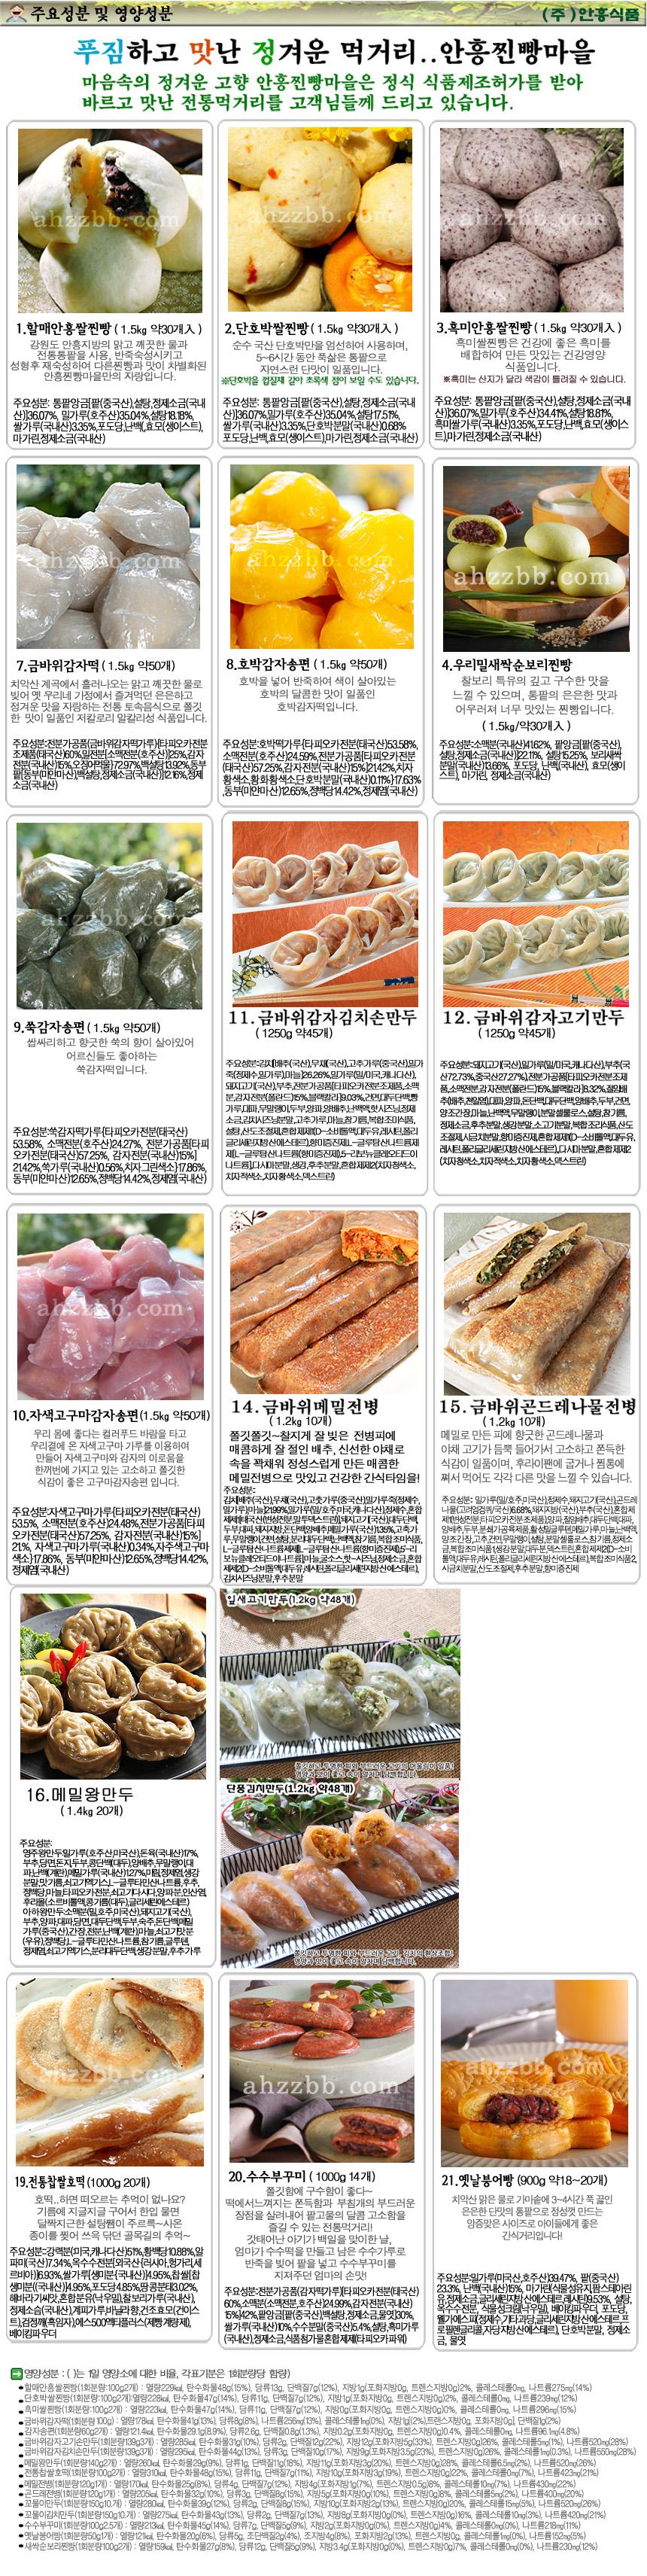 안흥찐빵마을 식품특성과 주요성분, 영양성분 및 열량